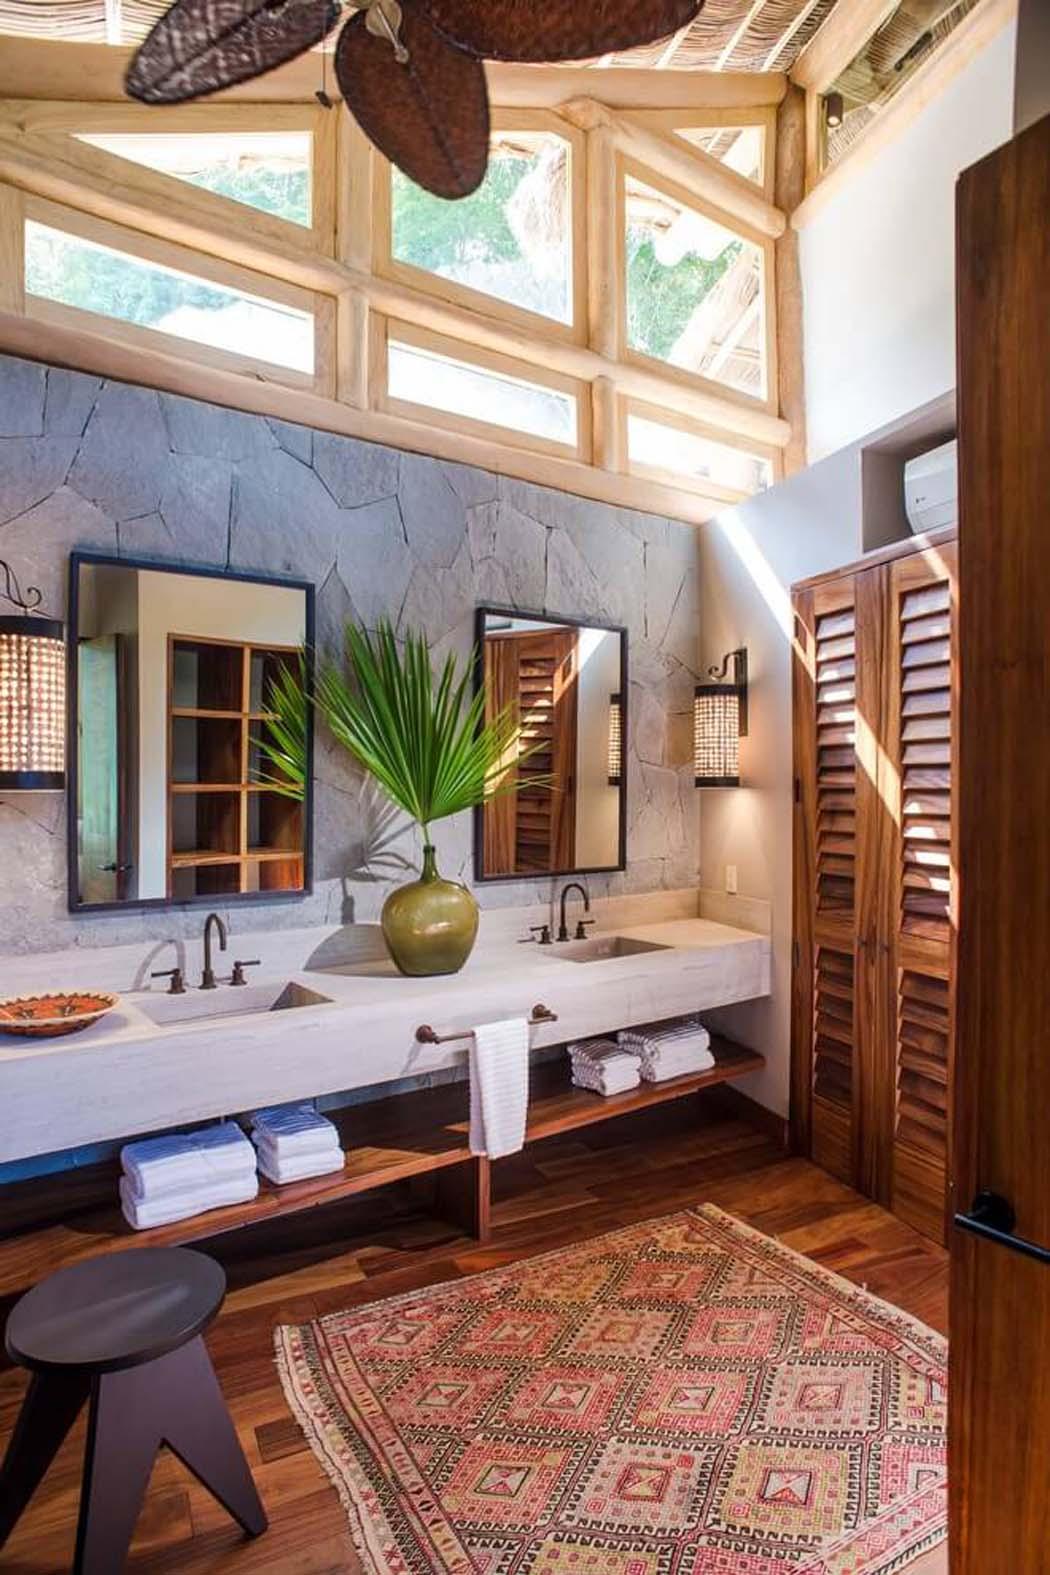 Originale maison location de vacances au mexique avec une belle vue et architecture originale - Deco chambre exotique ...